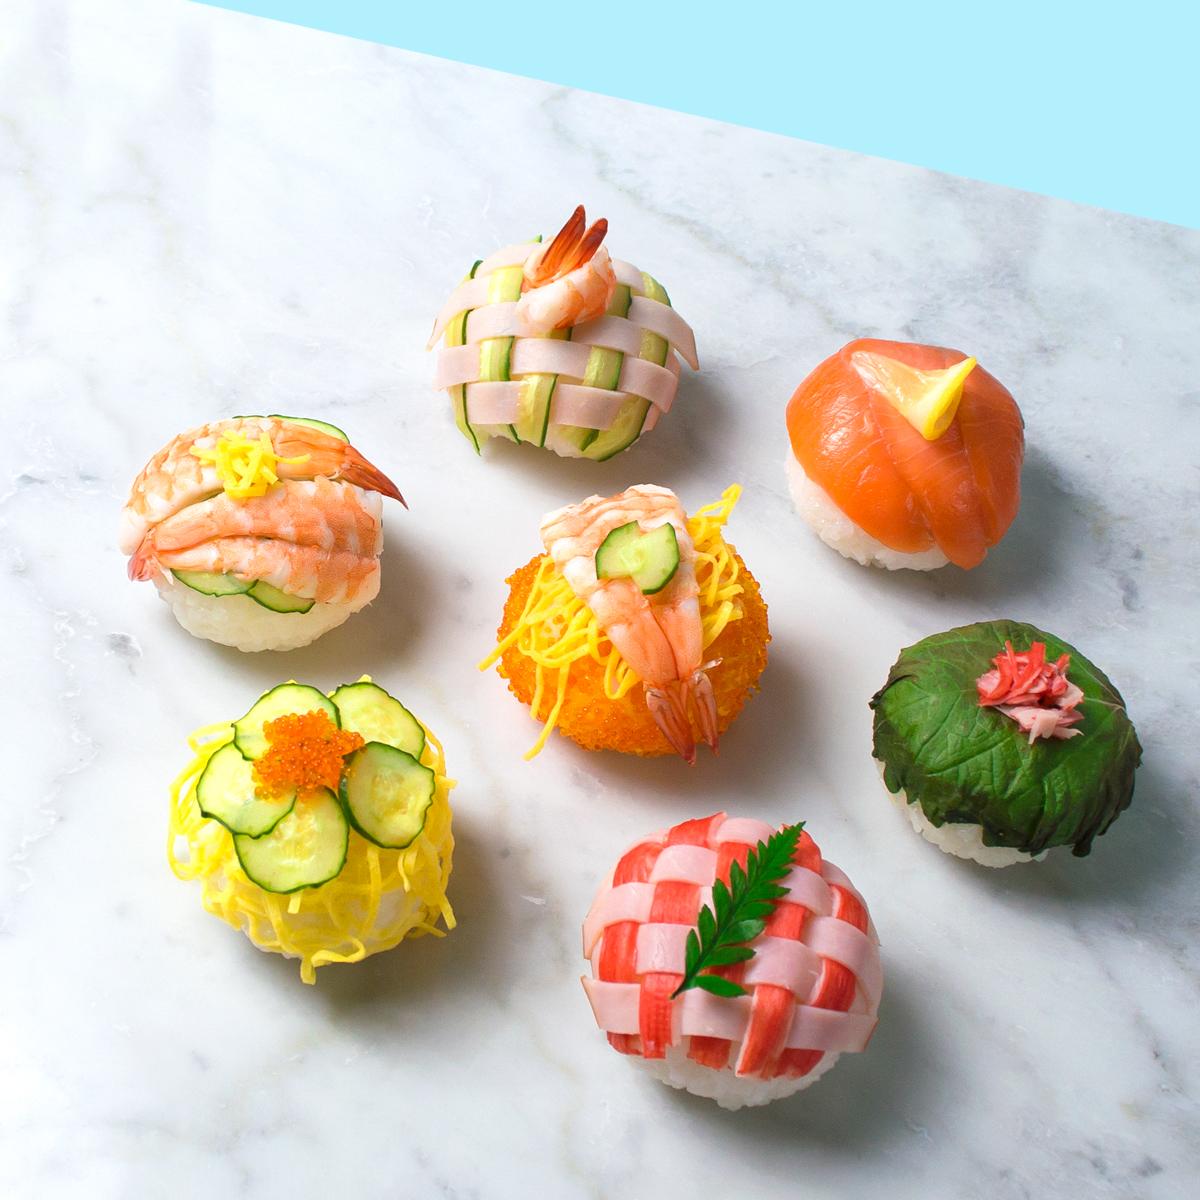 サランラップで簡単!パーティー手まり寿司の作り方 <br><small>Japanese Temari sushi</small>